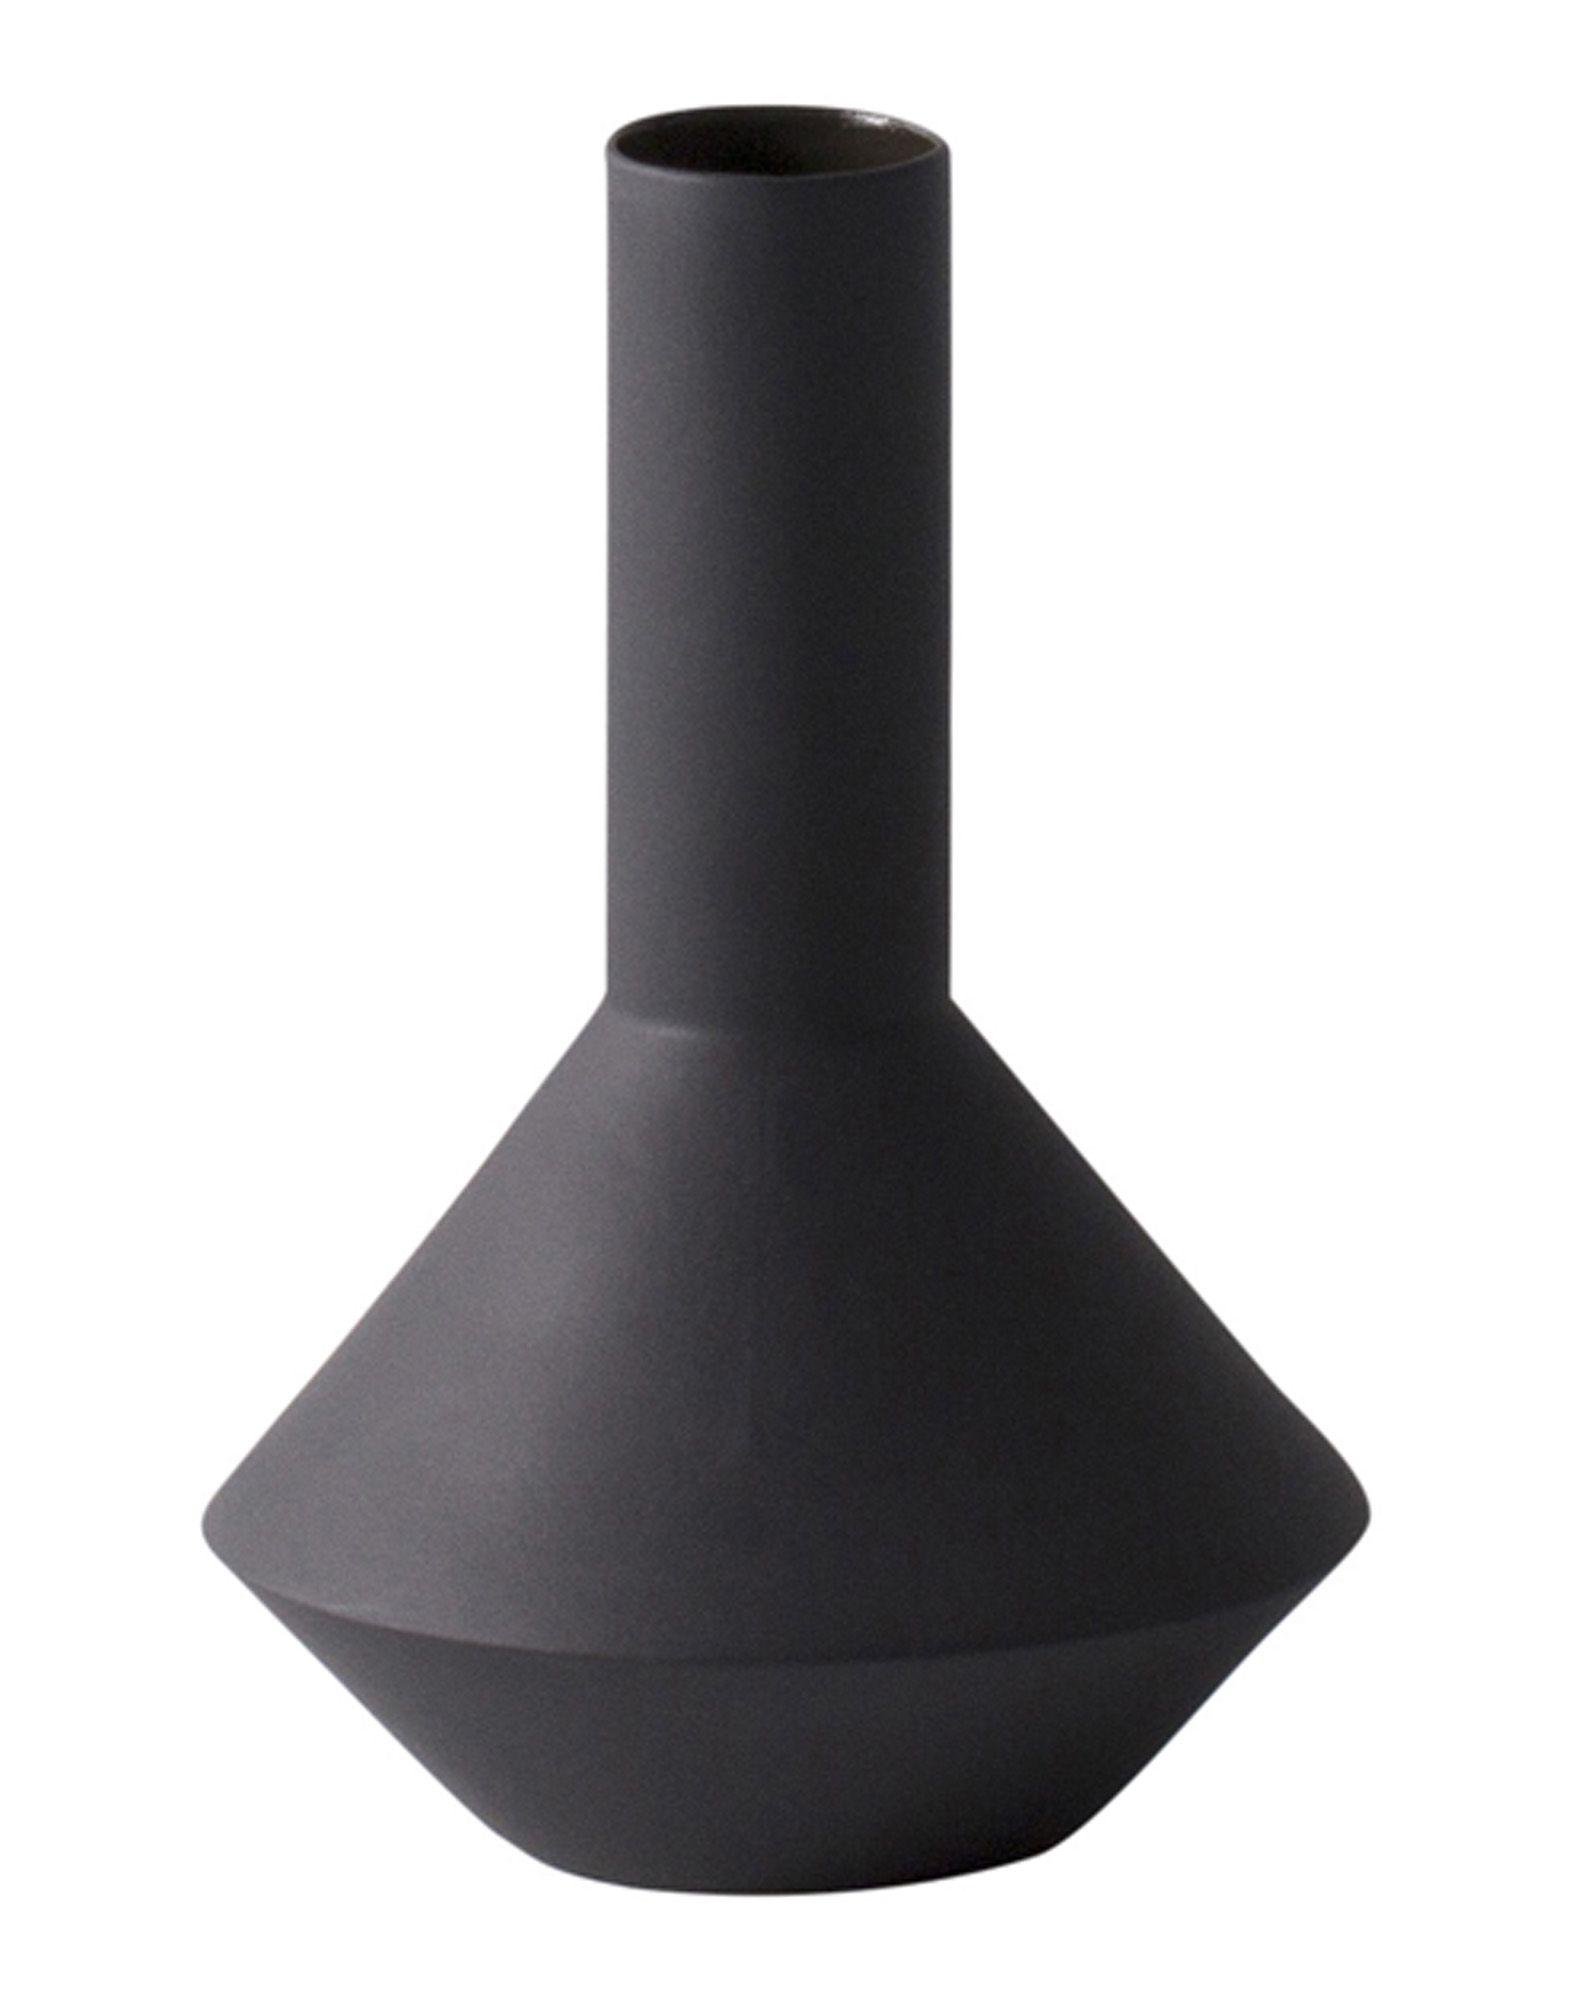 Ferm Living Vases